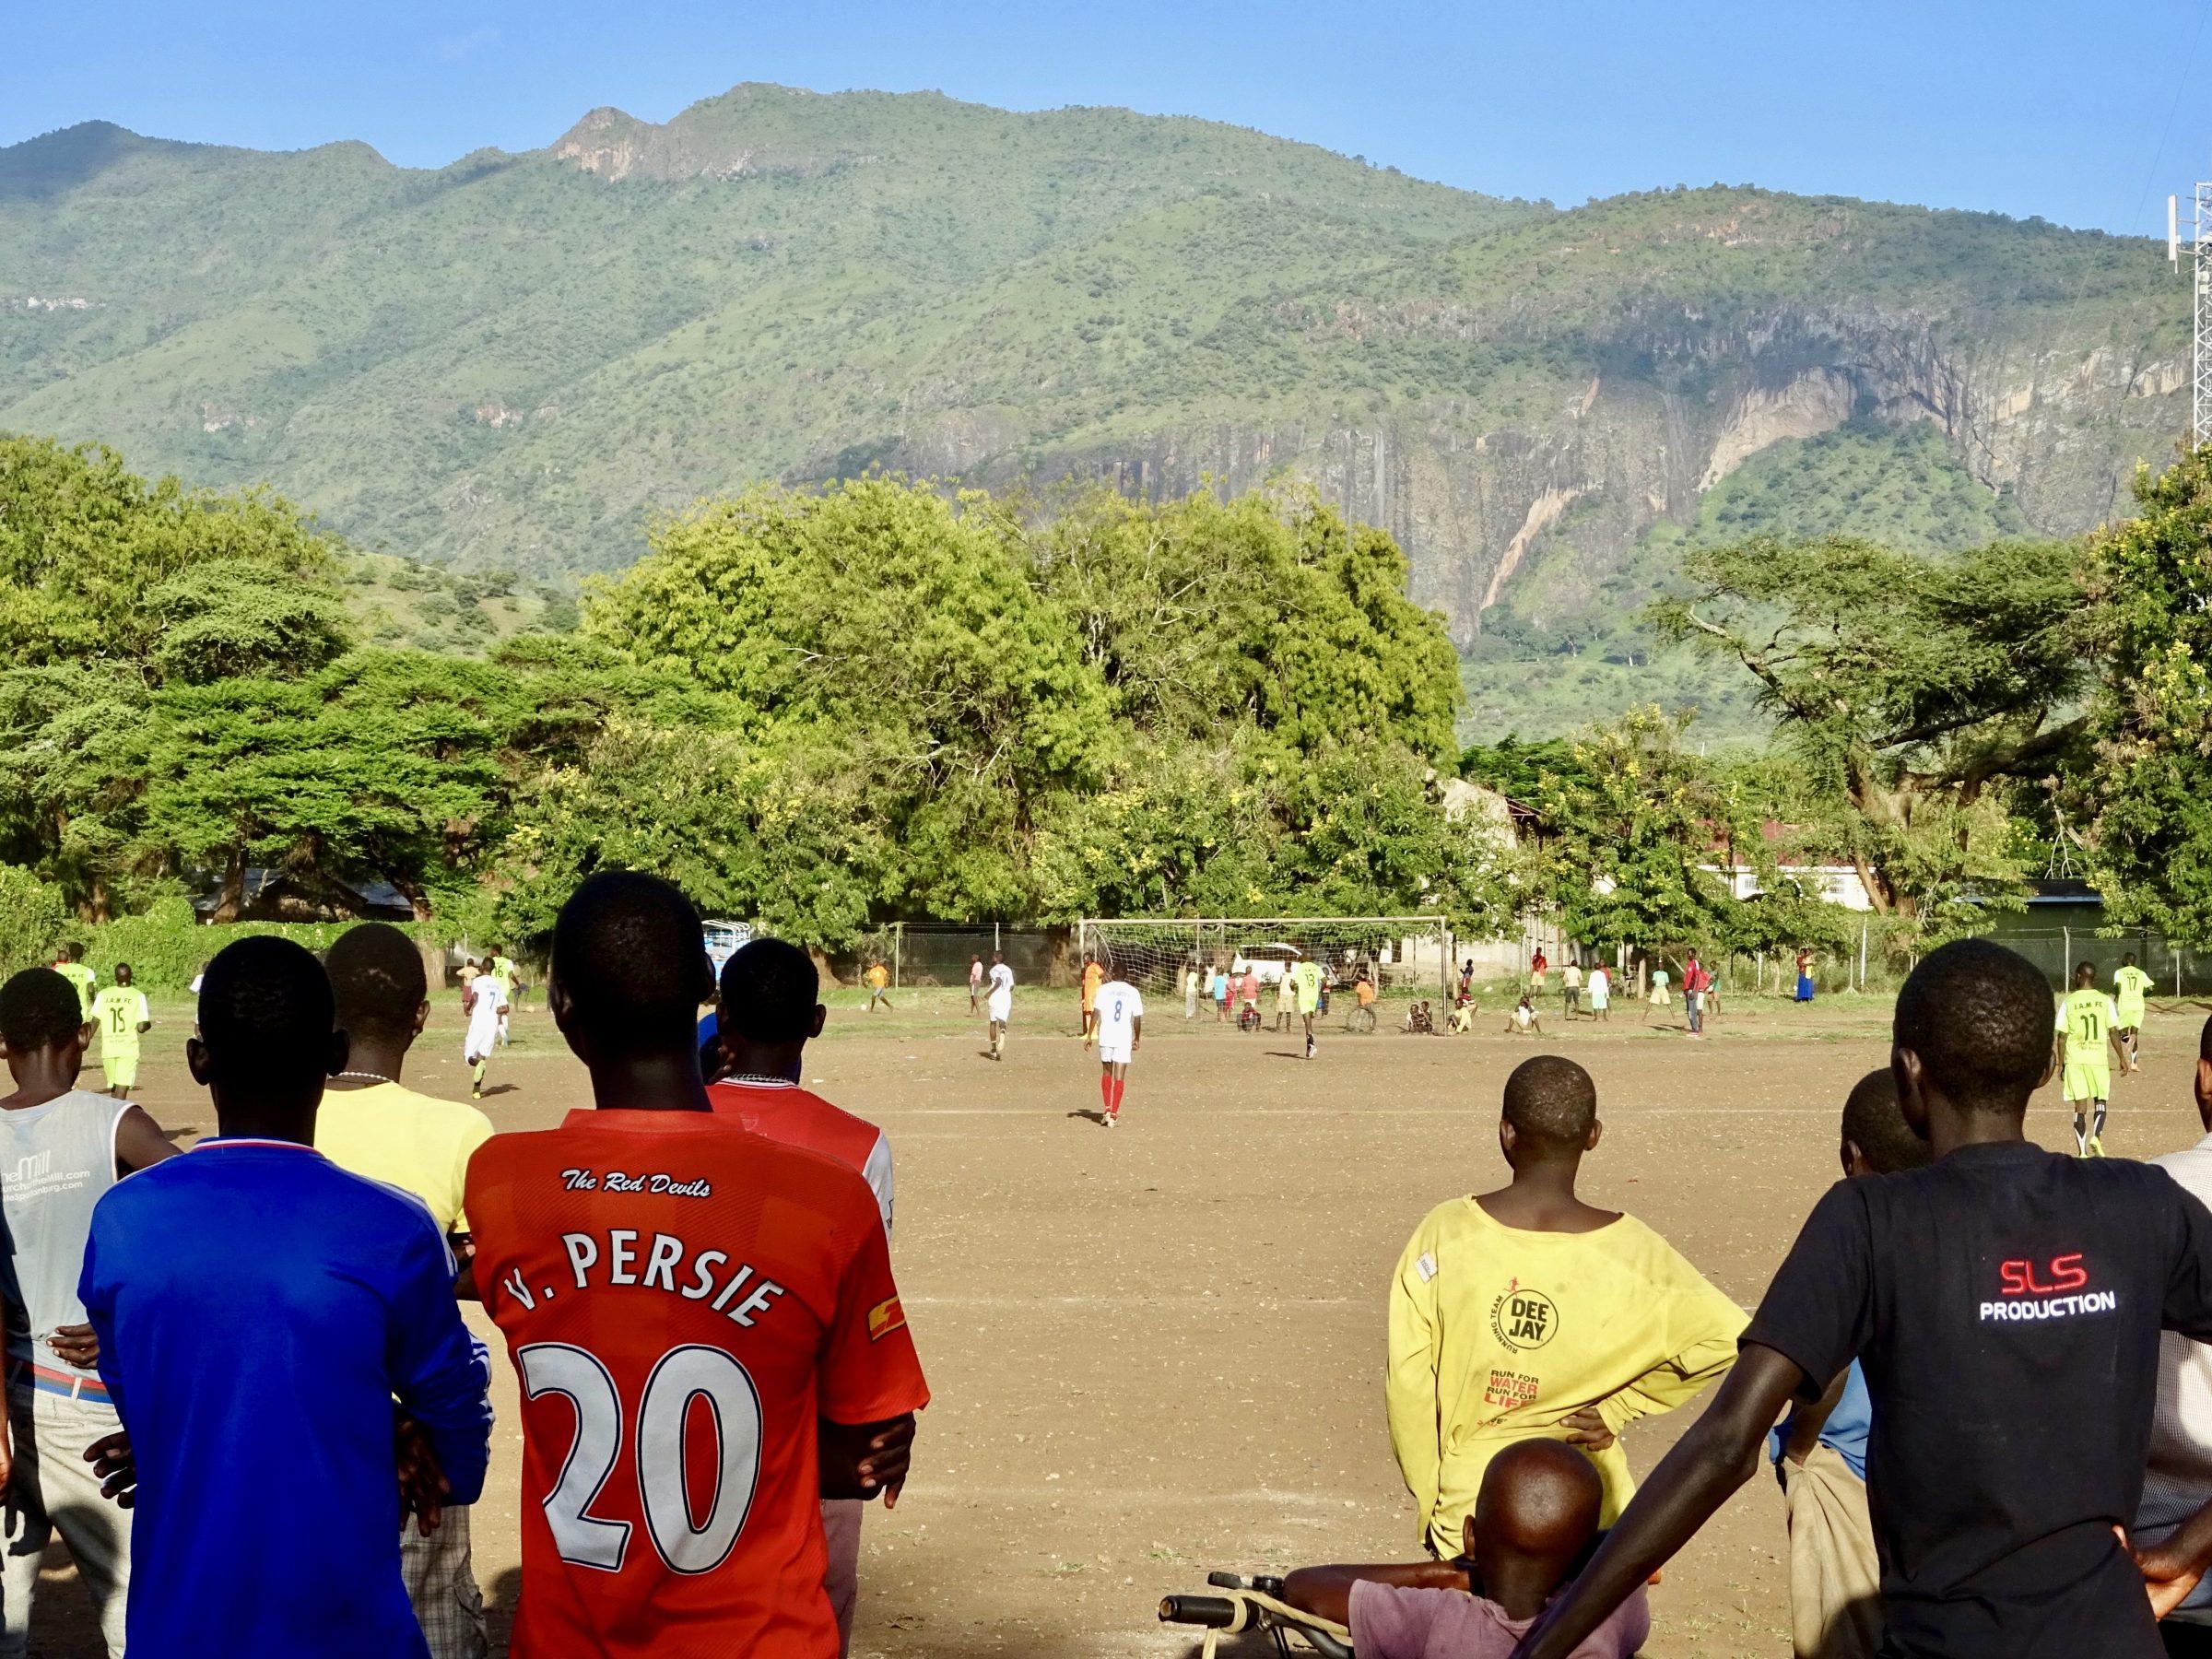 v. Persie kijkt aandachtig naar een potje voetbal in Moroto